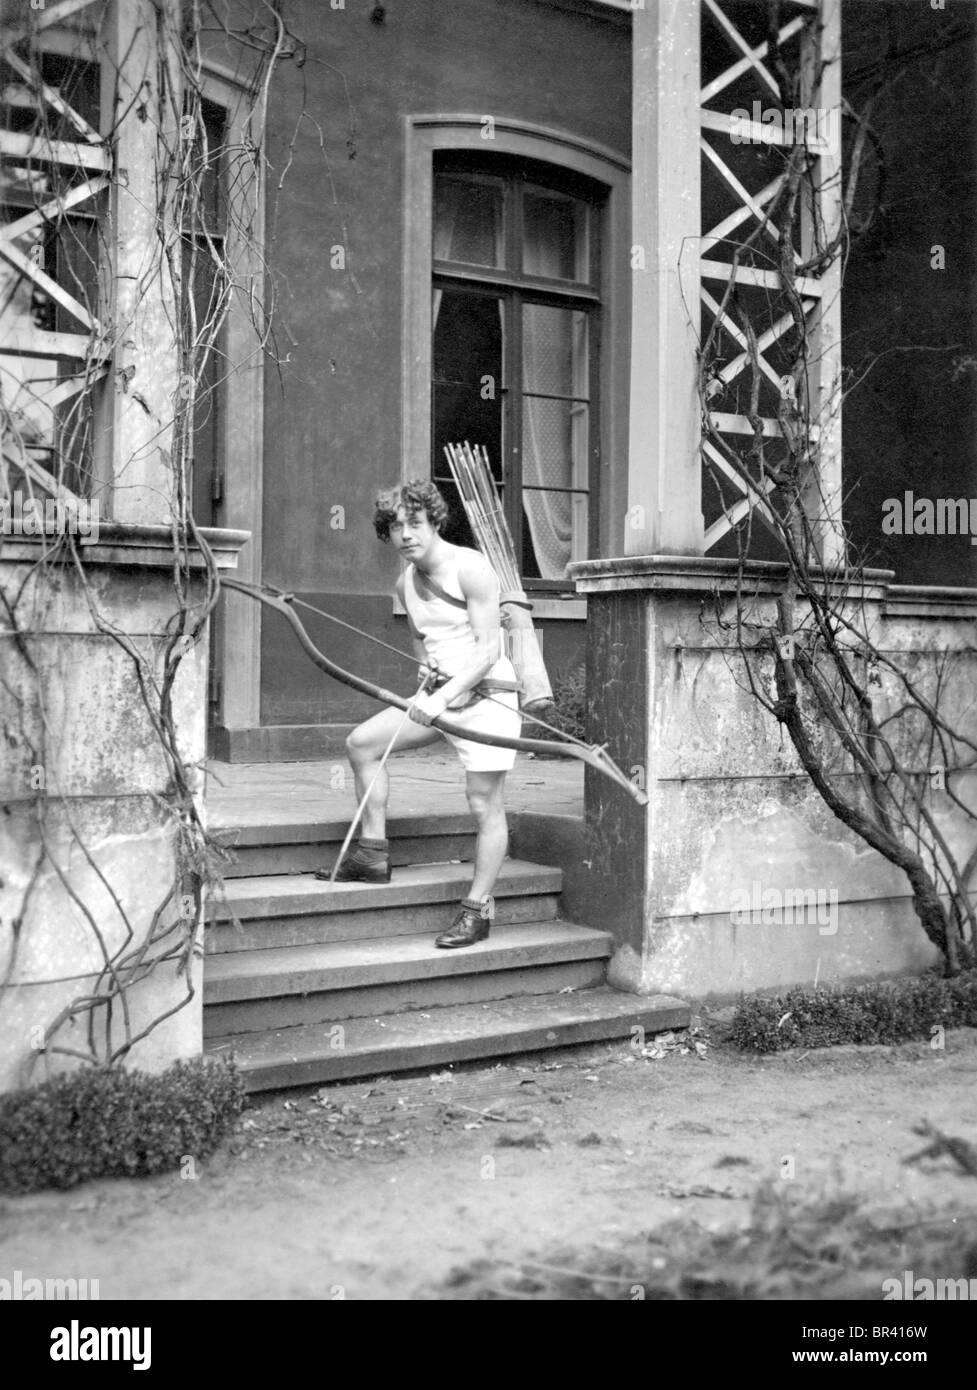 Image historique, garçon avec un arc et une flèche, ca. 1920 Photo Stock